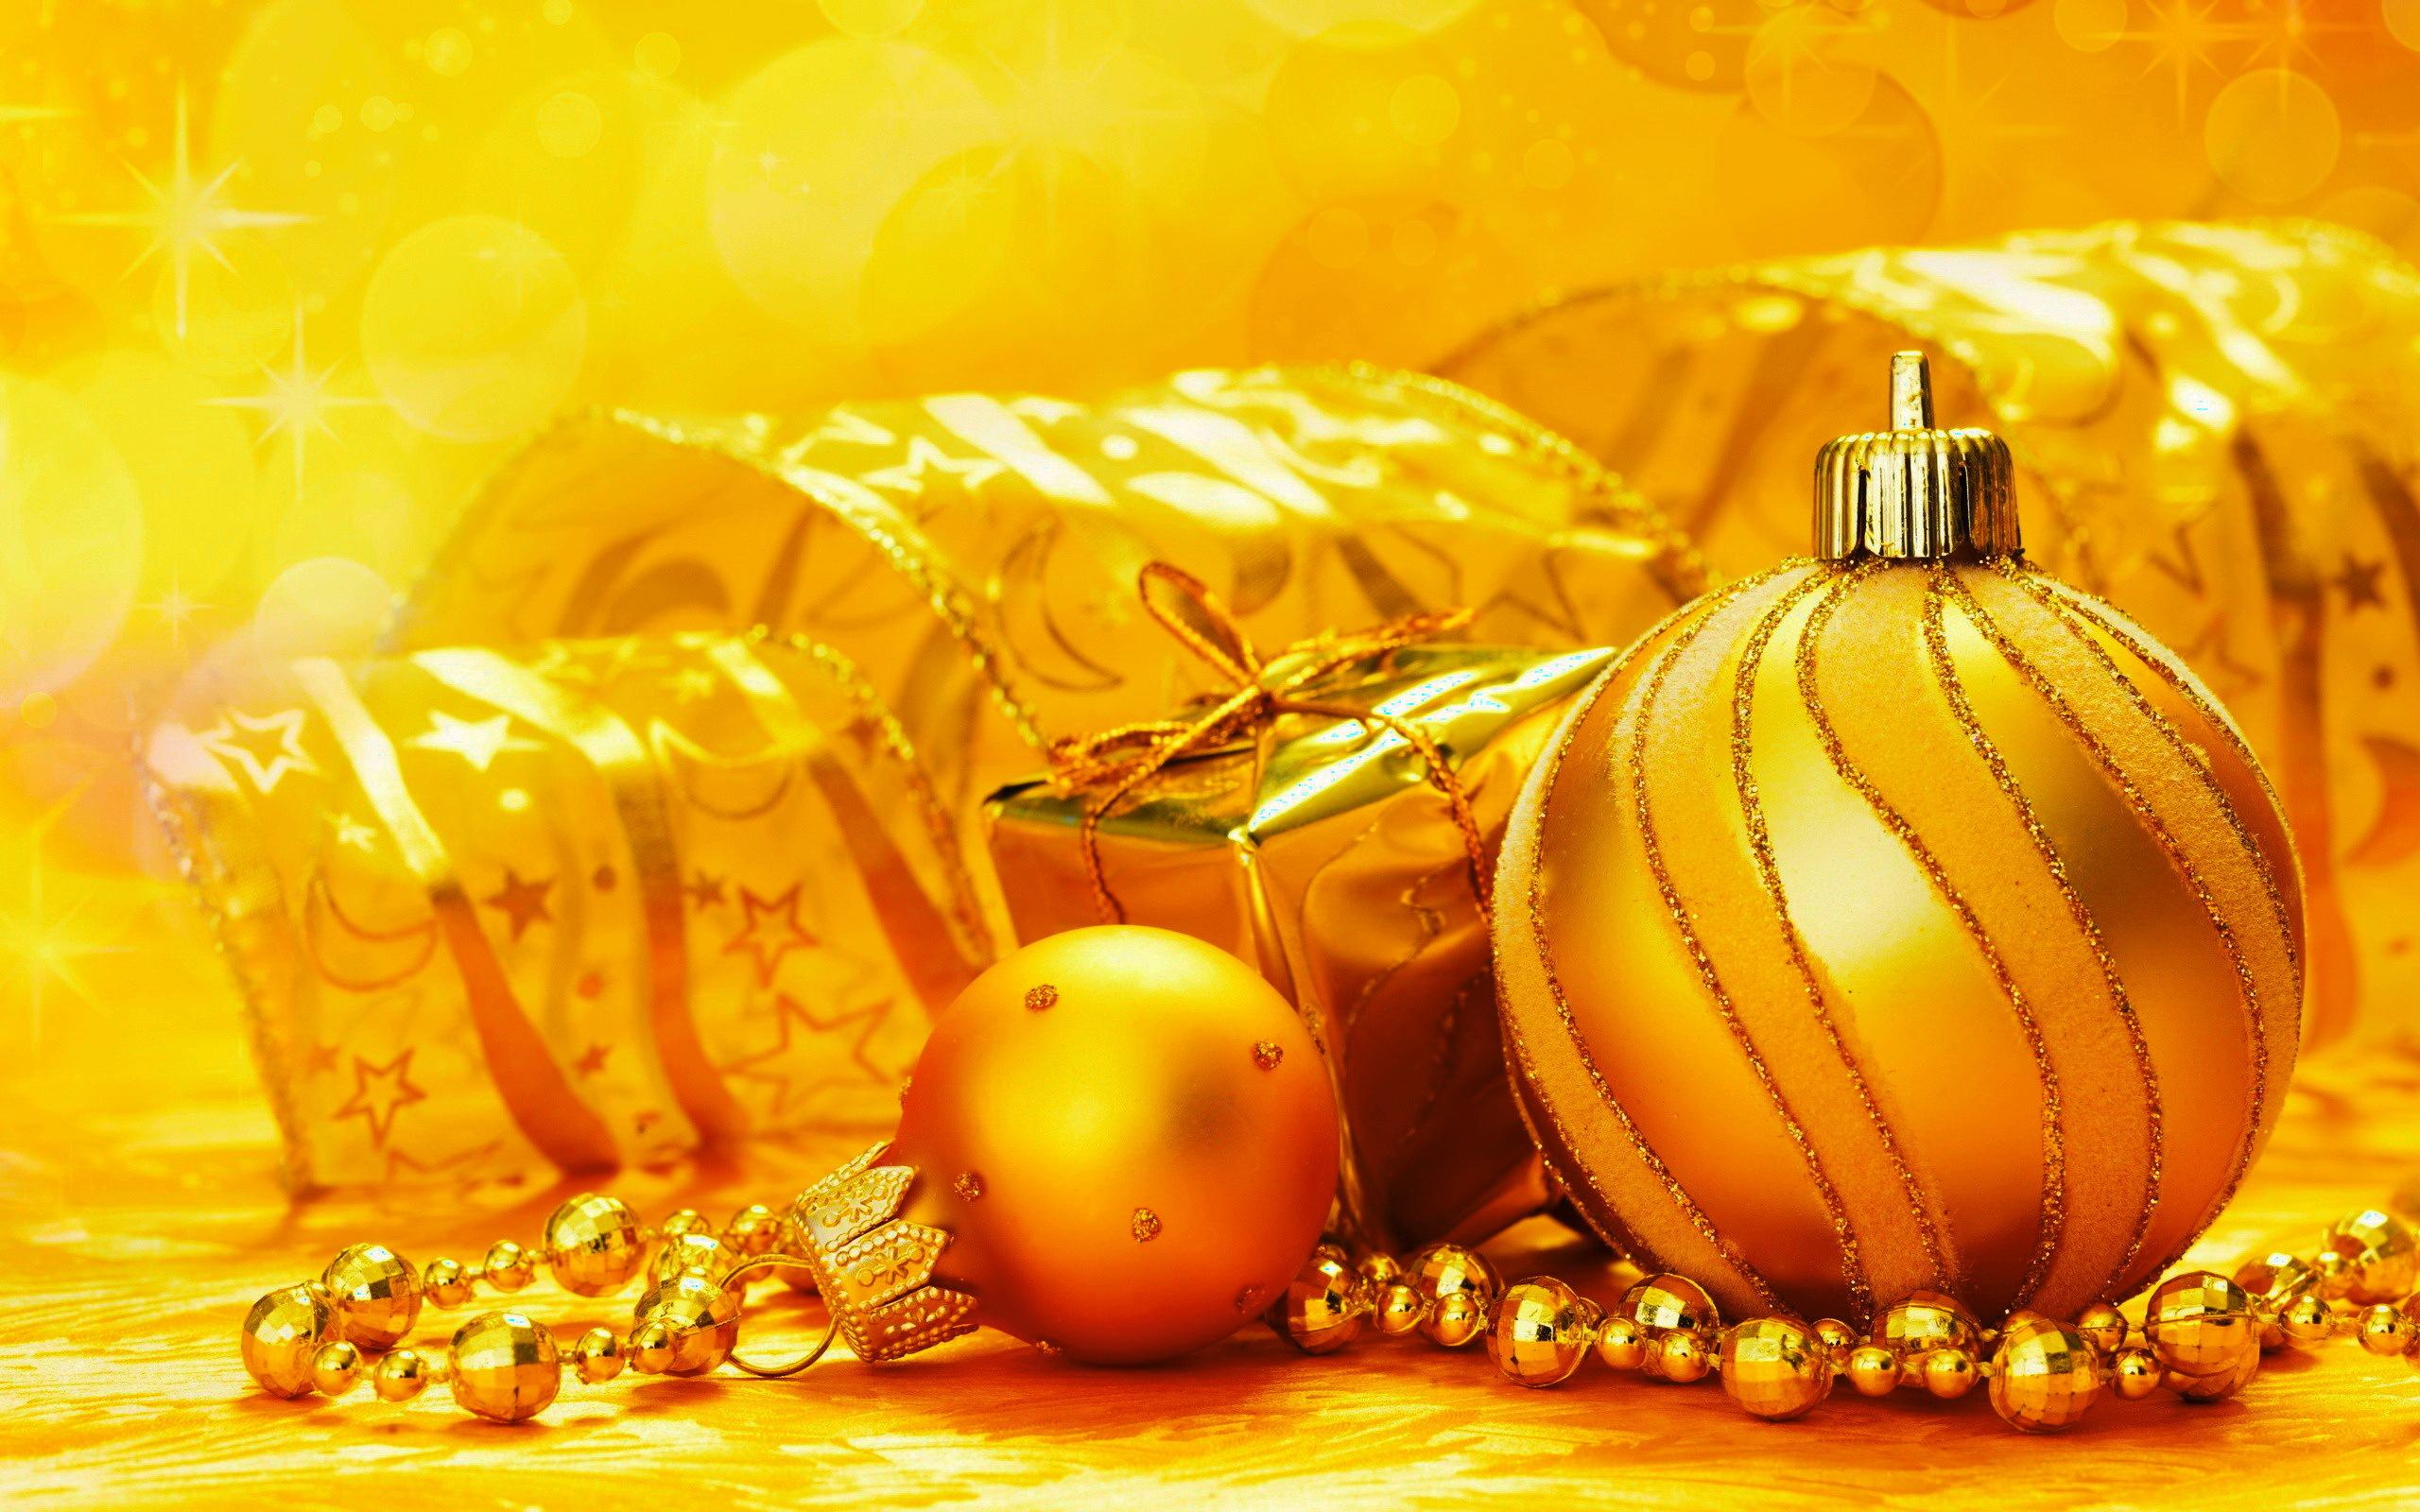 Подарок, елочные шары, новый год, лента, украшения, 2560x1600.